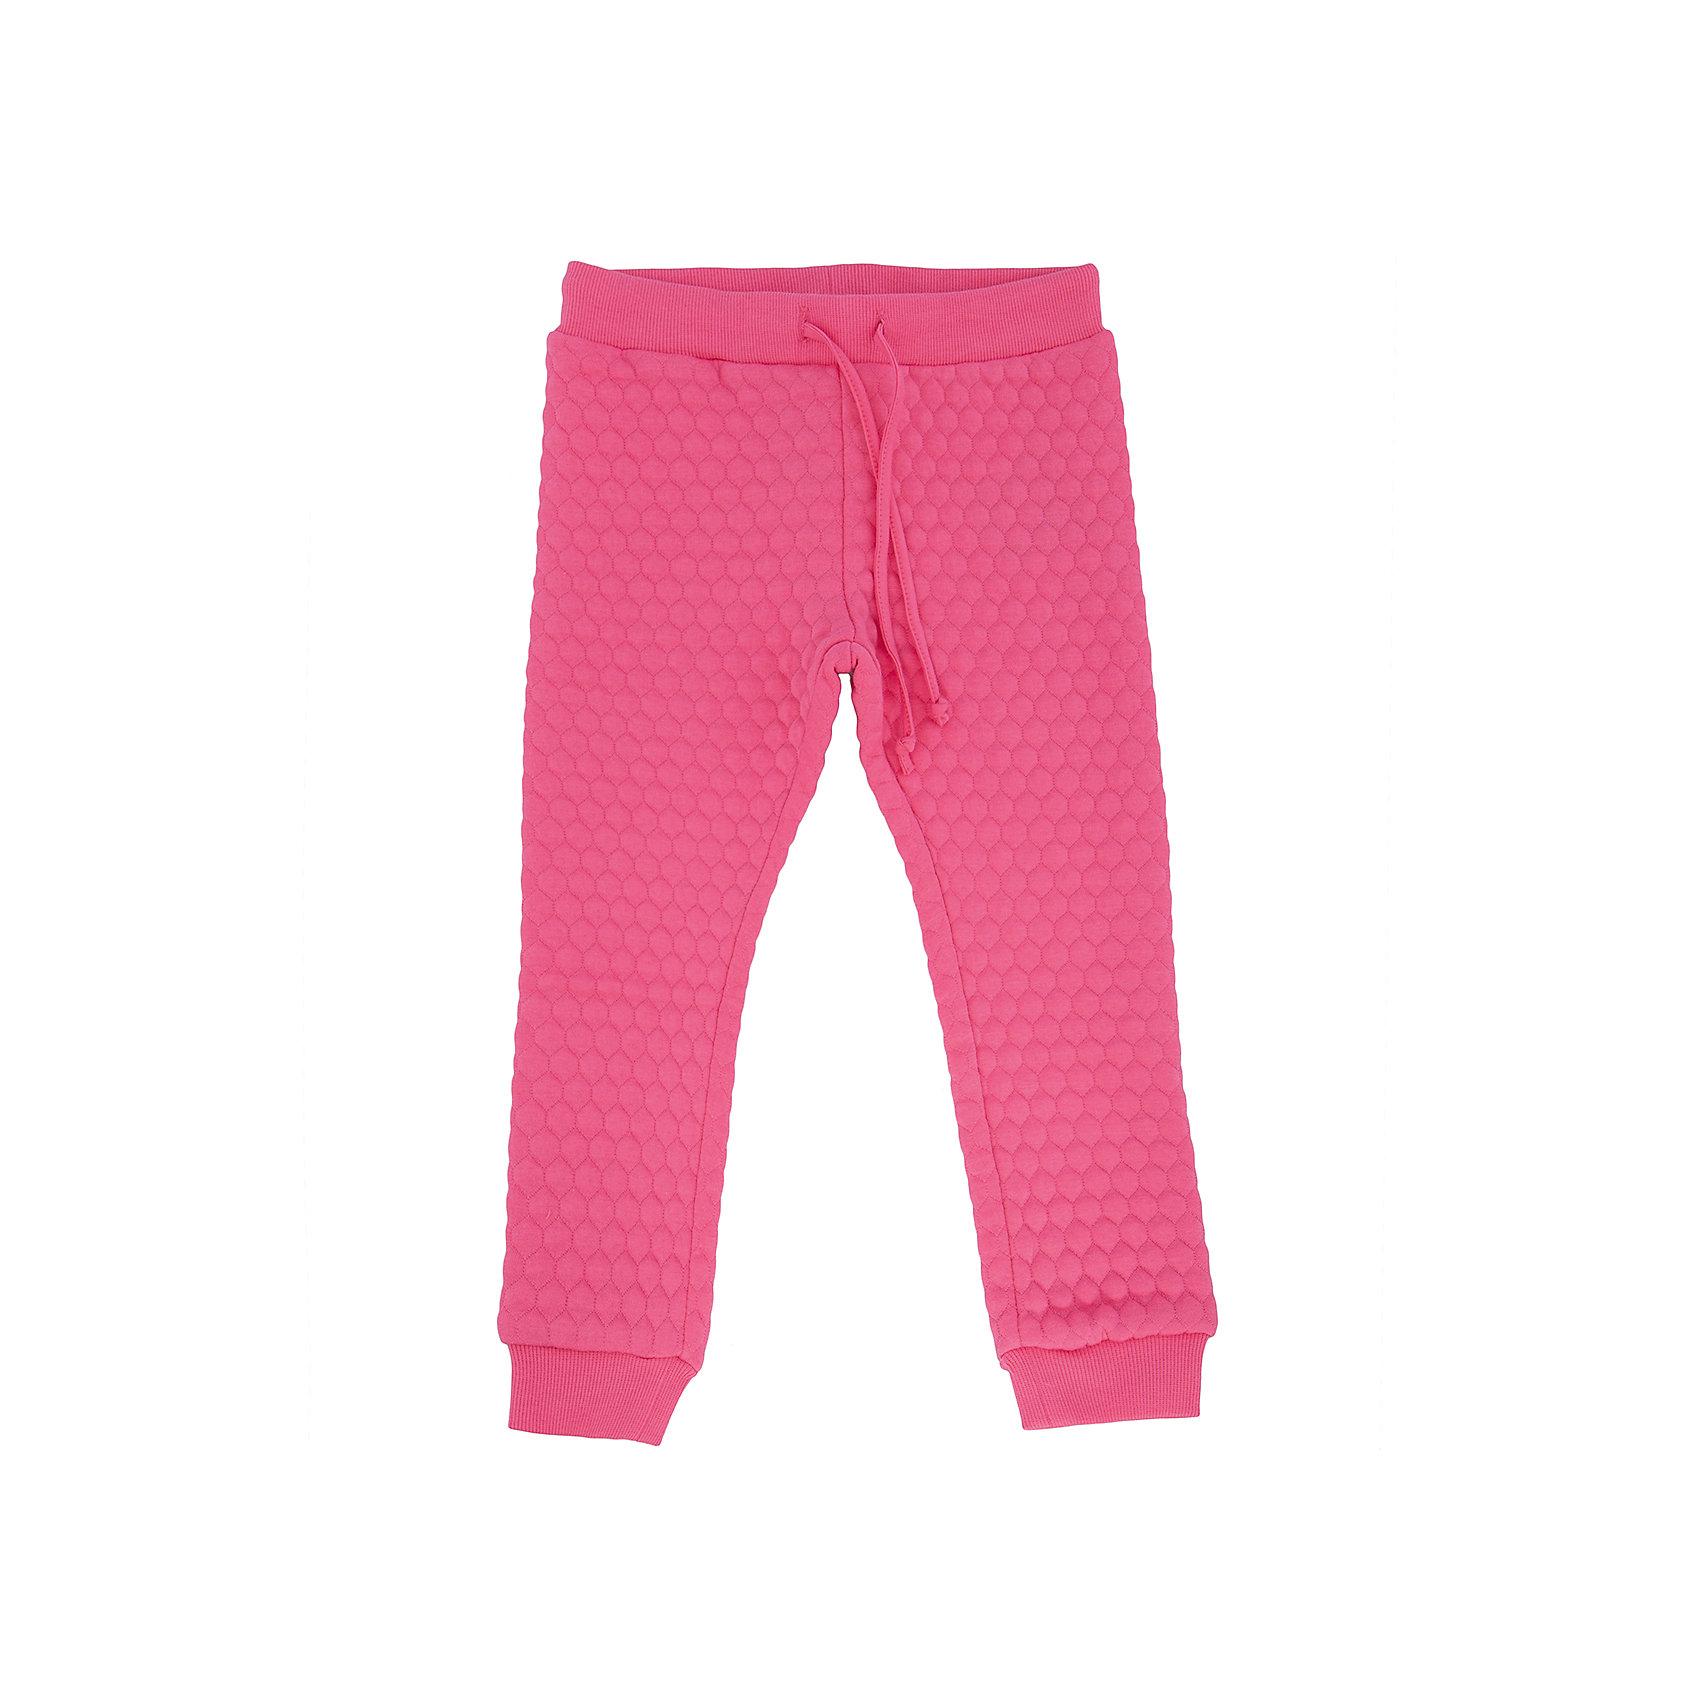 Брюки для девочки SELAСпортивная форма<br>Модные, яркие брюки для Вашей девочки.<br>У брюк очень хорошая посадка, приятная на ощупь ткань и их можно комбинировать с чем угодно.<br><br>Дополнительная информация:<br><br>- Прямой крой, слегка зауженный к низу.<br>- Цвет: розовый.<br>- Состав: 50% хлопок, 40% ПЭ, 10% эластан.<br>- Бренд: SELA<br><br>Купить брюки для девочки от SELA можно в нашем магазине.<br><br>Ширина мм: 215<br>Глубина мм: 88<br>Высота мм: 191<br>Вес г: 336<br>Цвет: розовый<br>Возраст от месяцев: 60<br>Возраст до месяцев: 72<br>Пол: Женский<br>Возраст: Детский<br>Размер: 92,98,104,110,116<br>SKU: 4883617